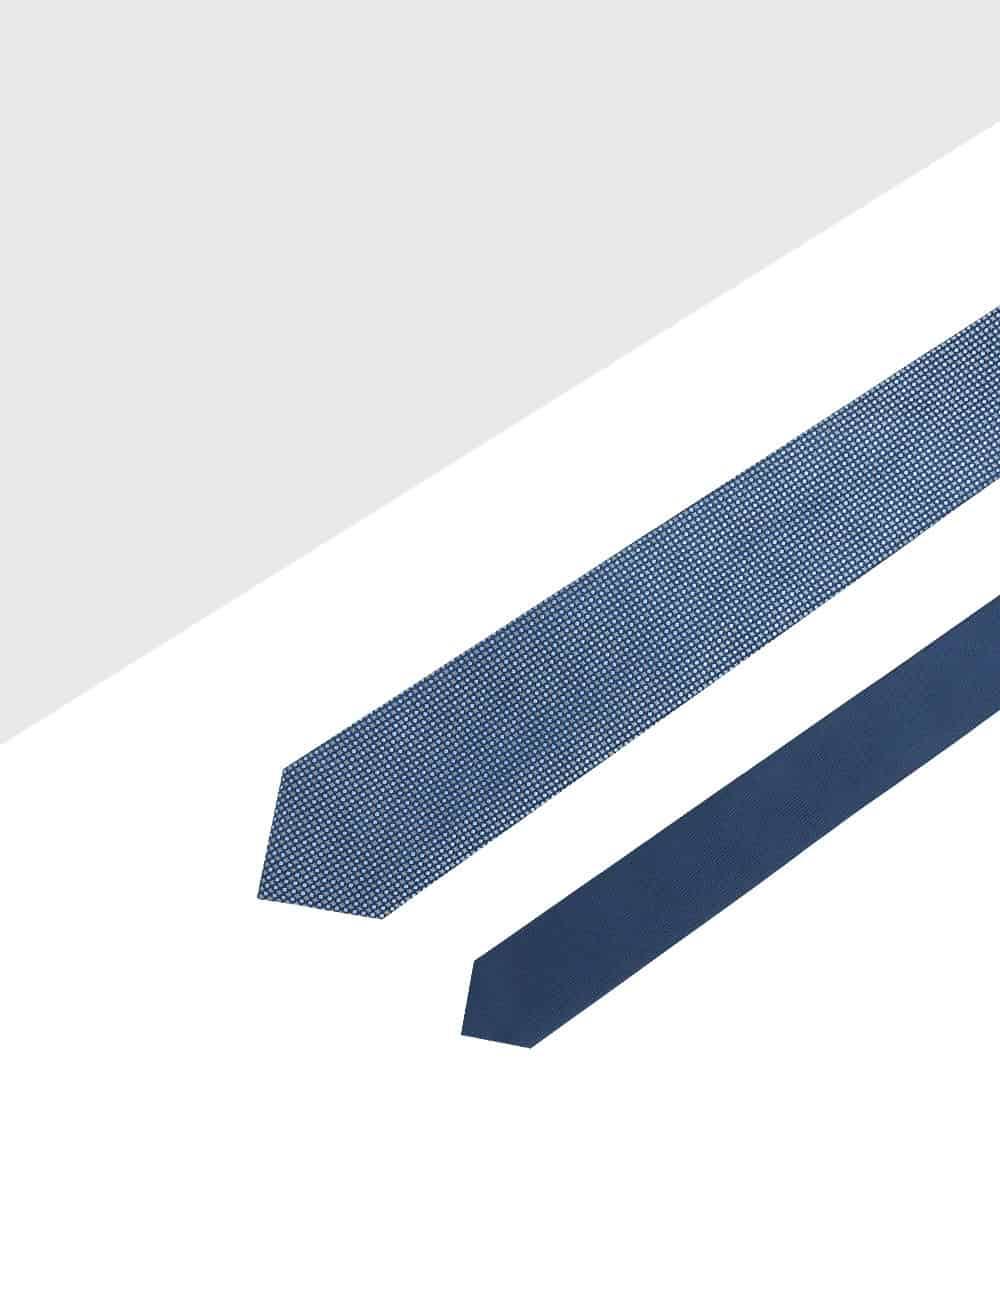 Navy Dobby Spill Resist Woven Reversible Necktie RNT9.9